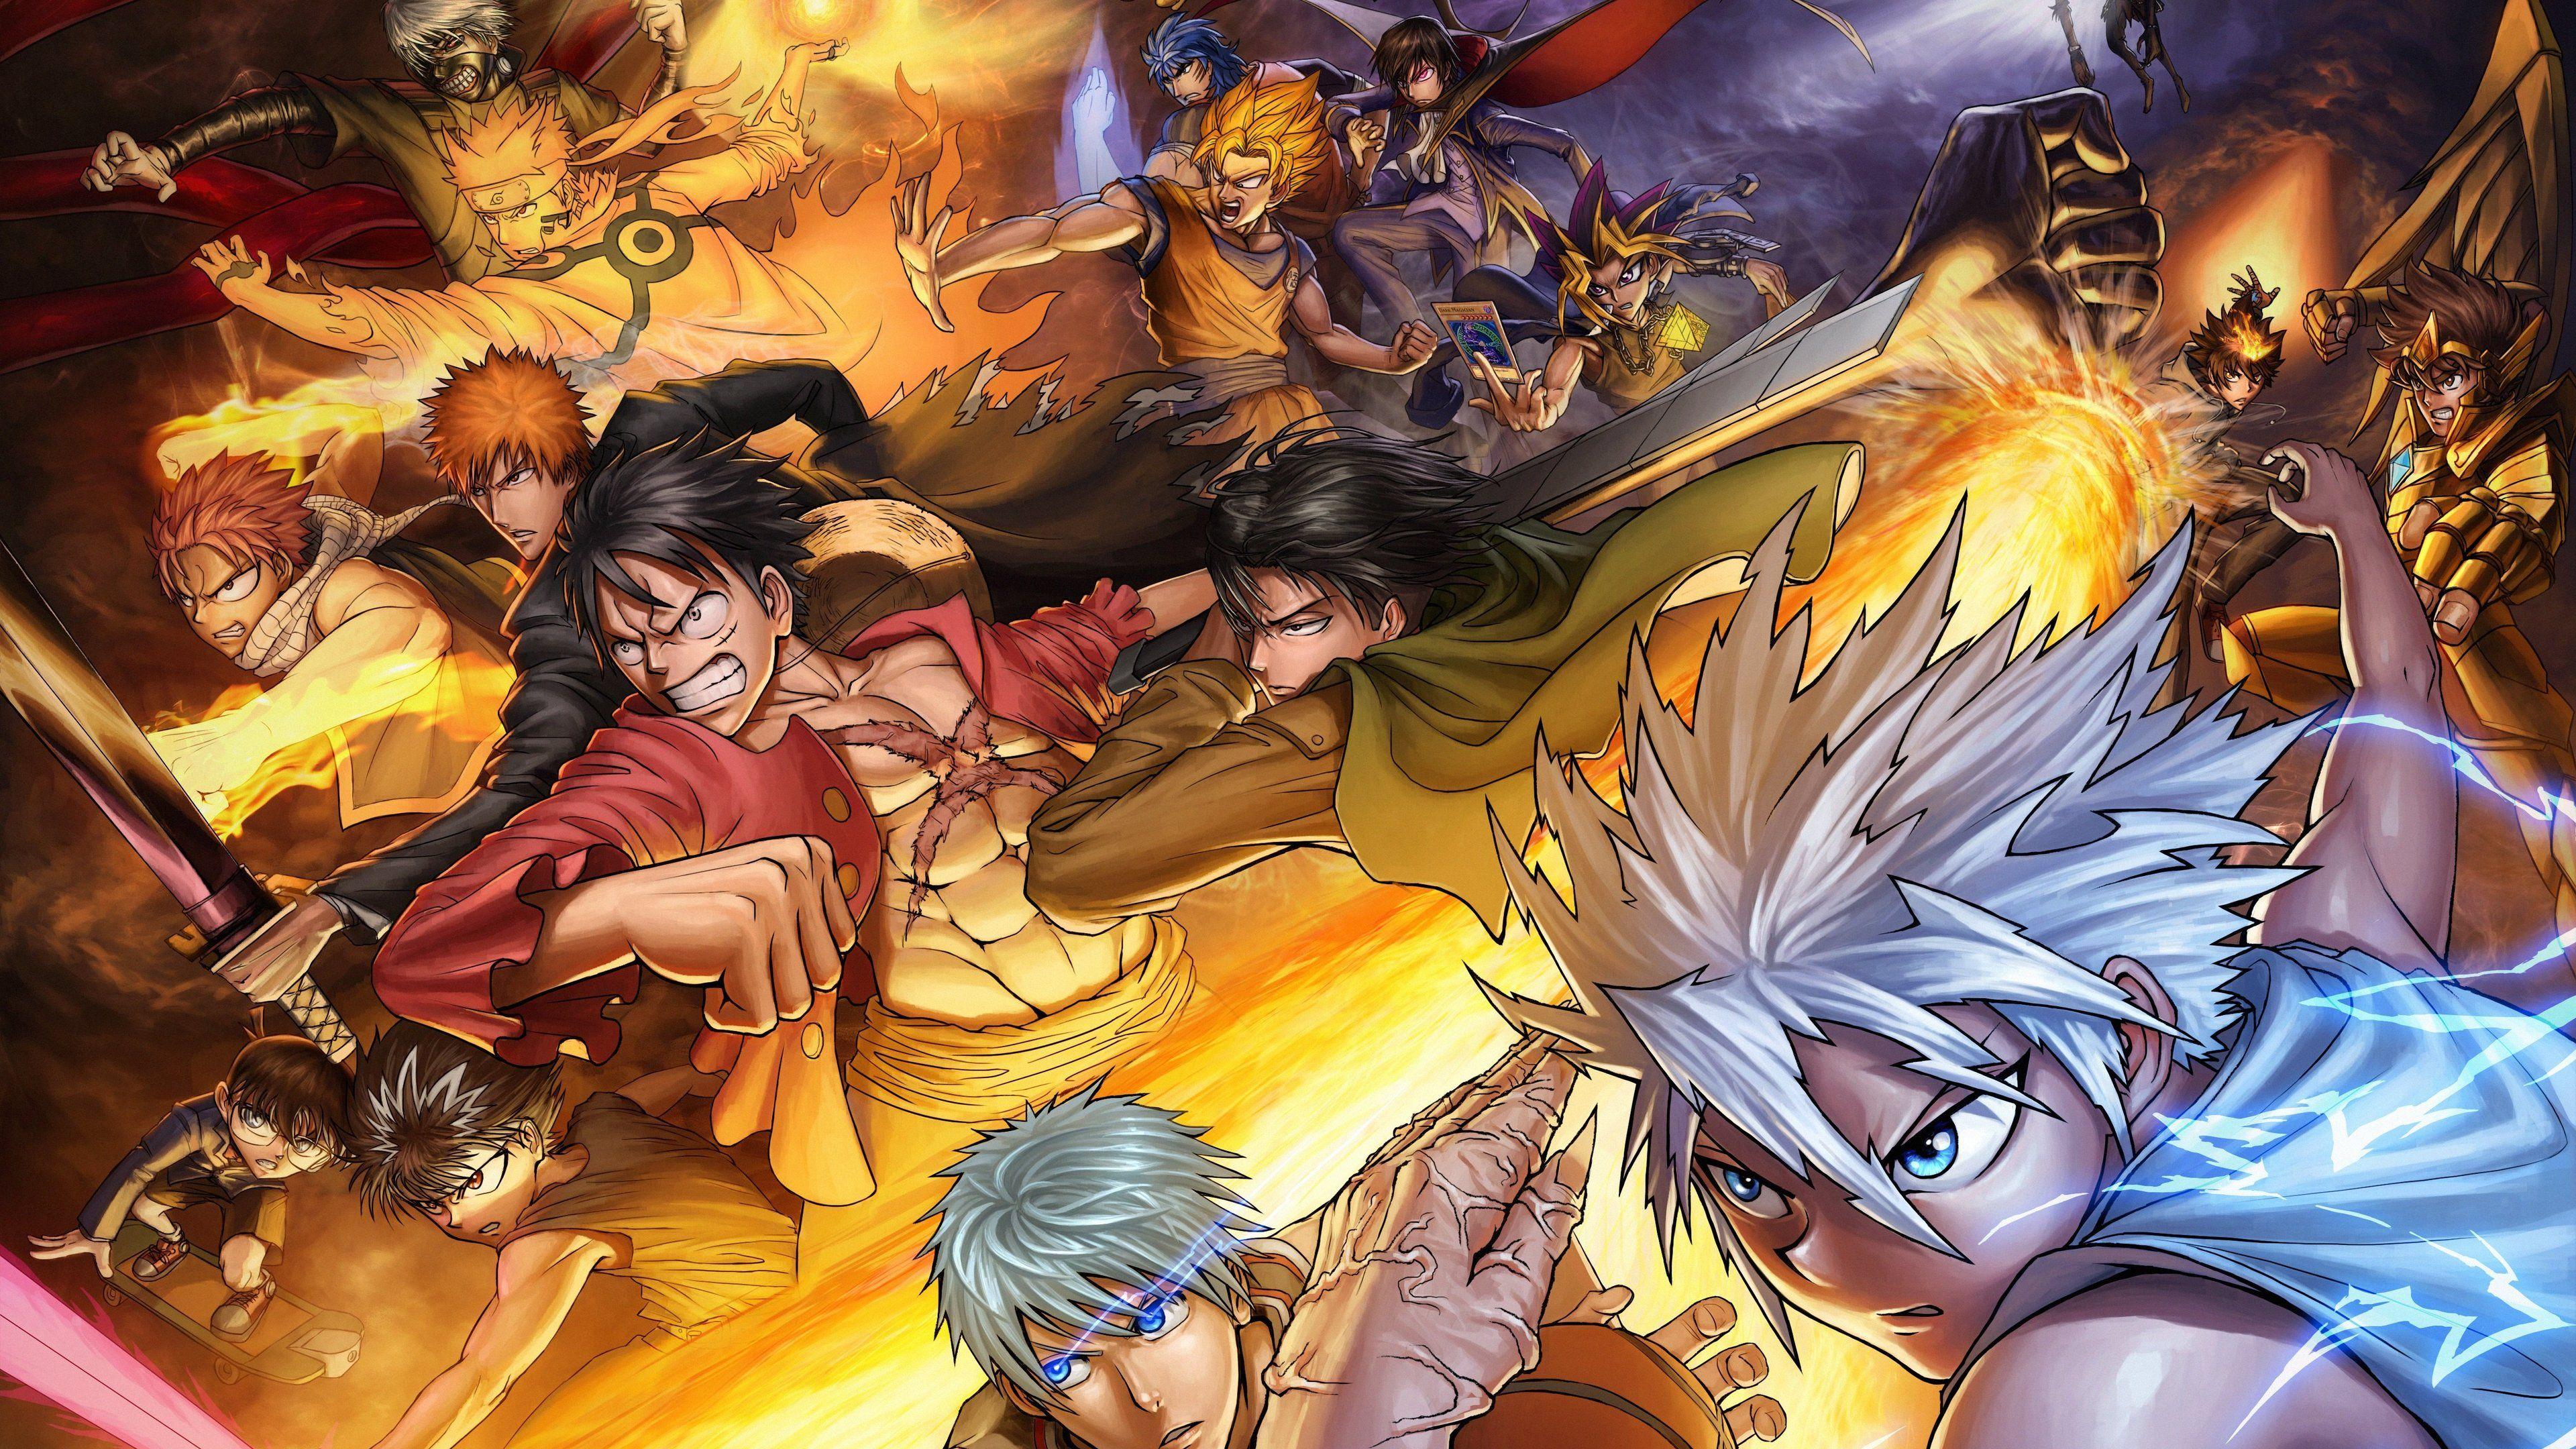 Atemu Bleach Crossover Dragonball Naruto Naruto Wallpapers Hd Wallpapers Dragon Ball Wallpapers Anime Wallpapers 4k Anime Characters Anime Anime Wallpaper All anime wallpapers hd